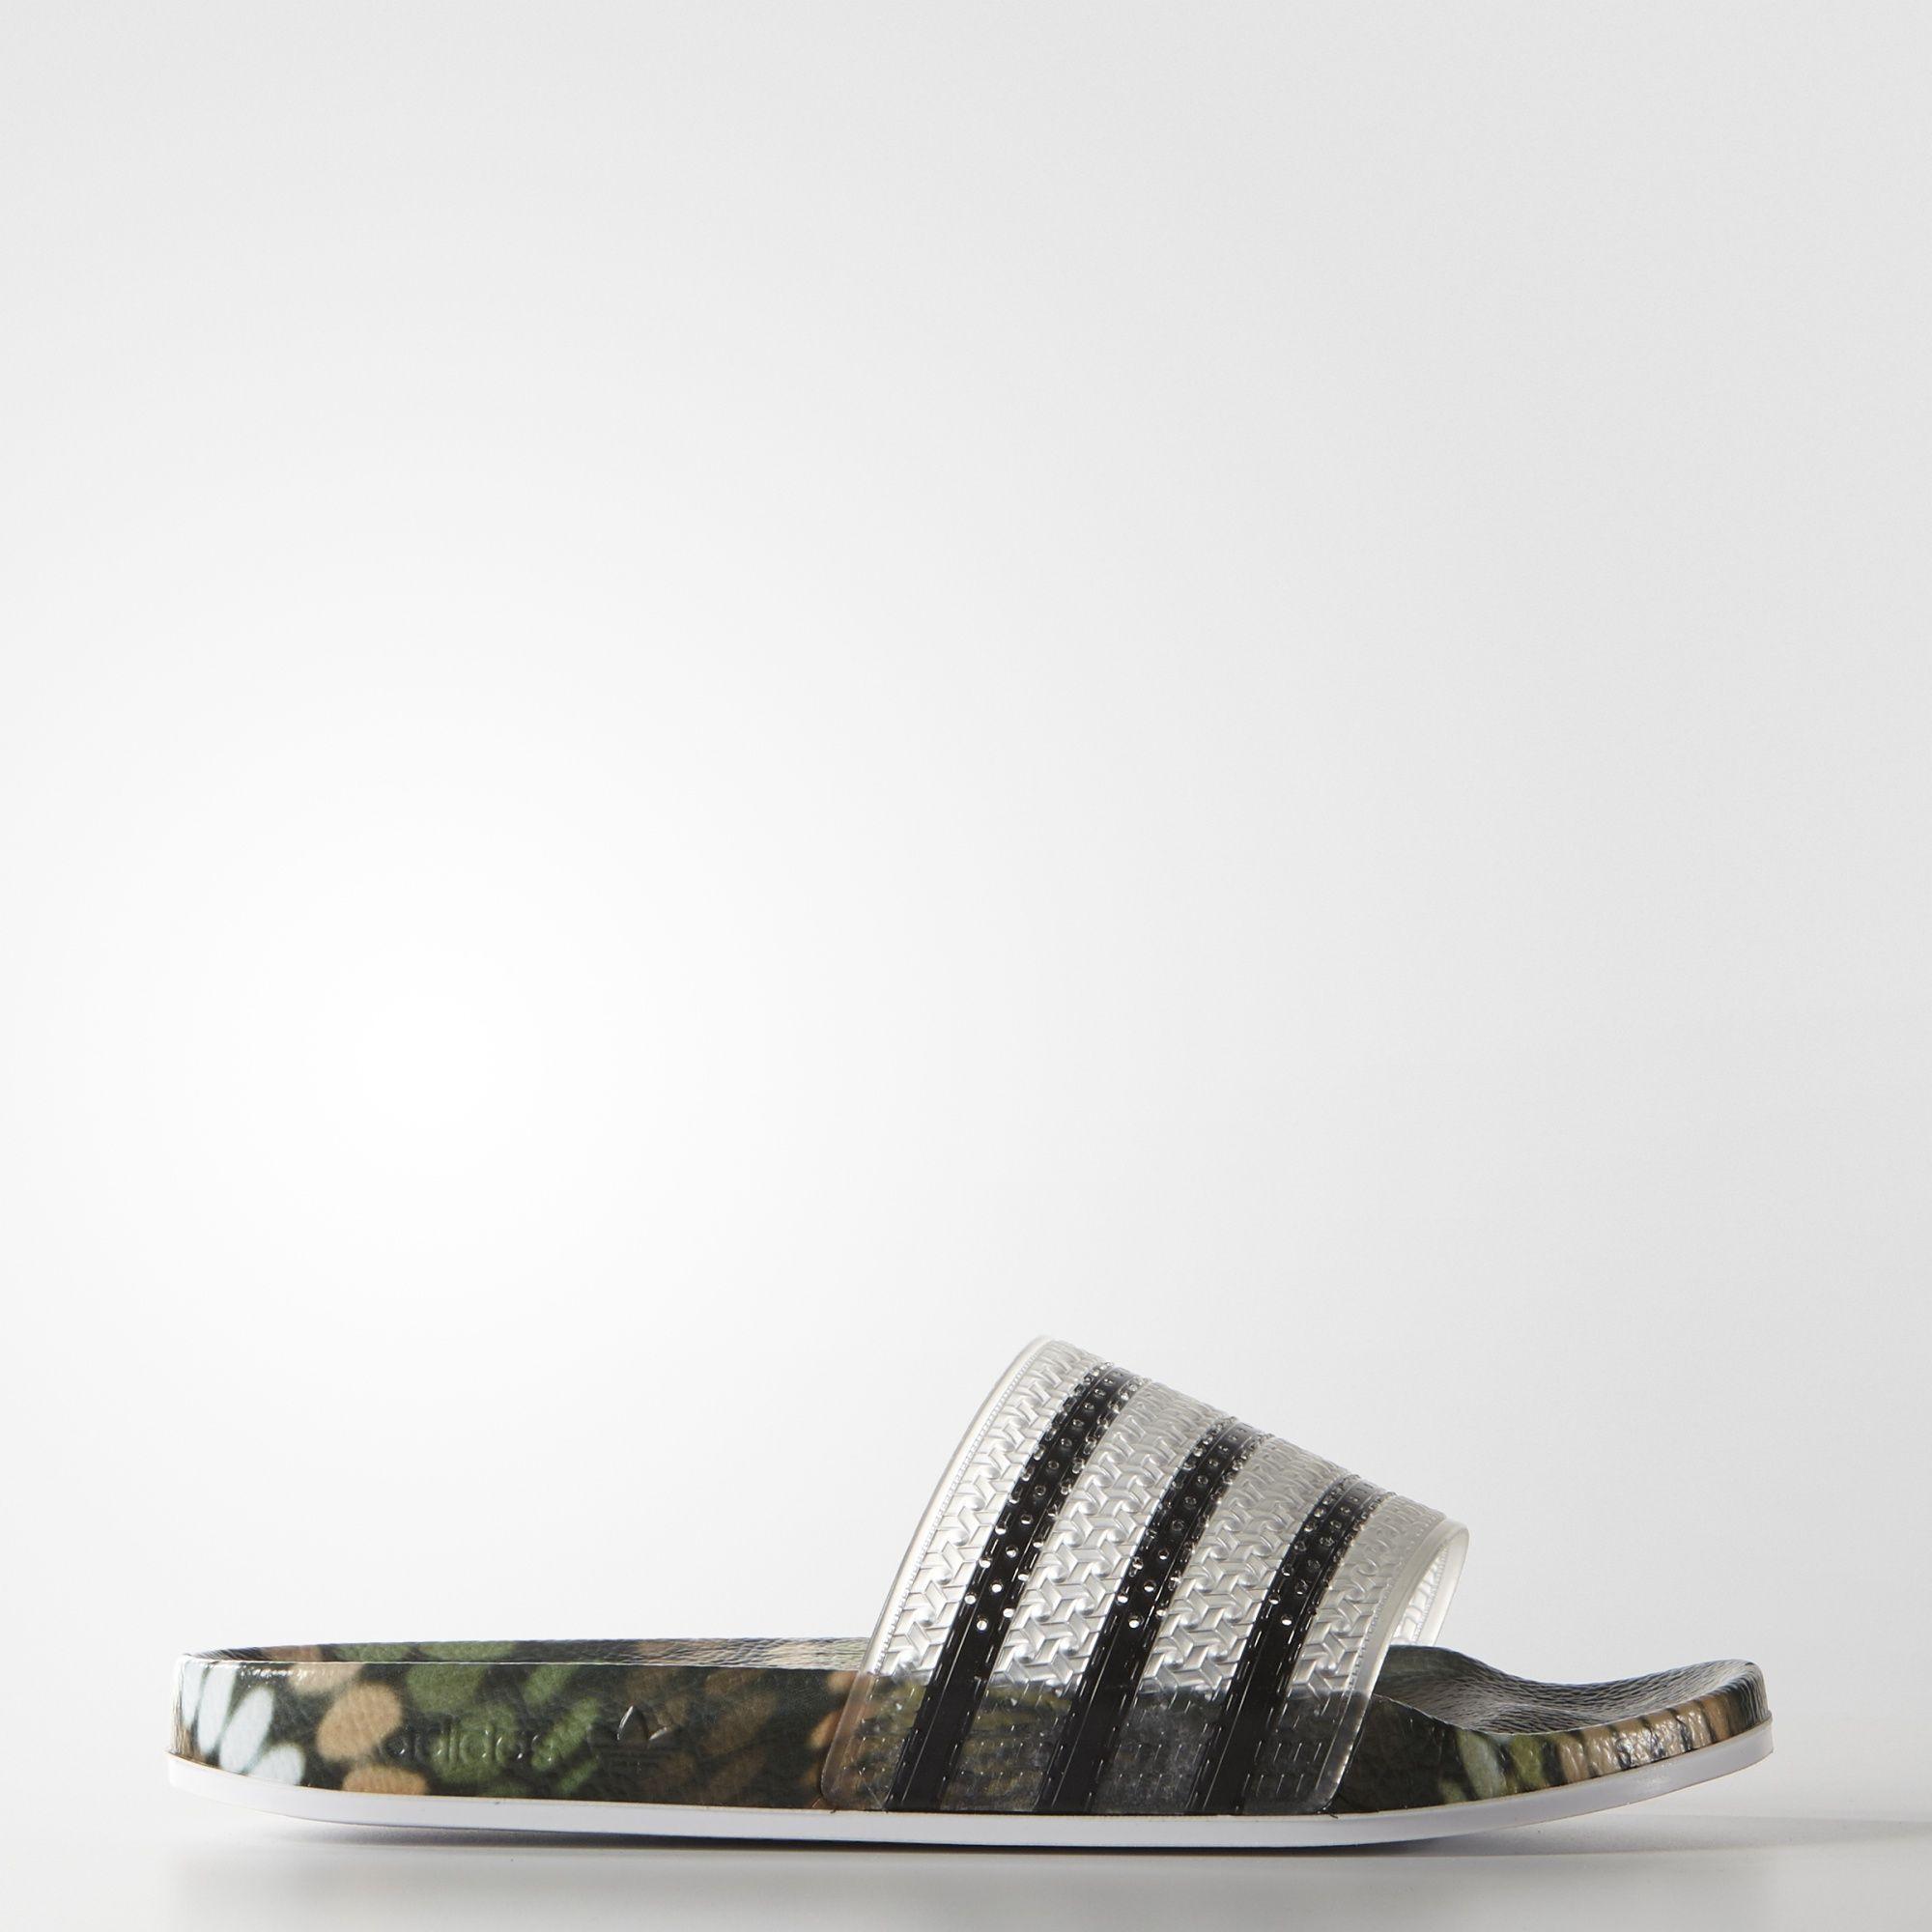 b8f2aacc01aee5 adidas - adilette Slides Black Adidas